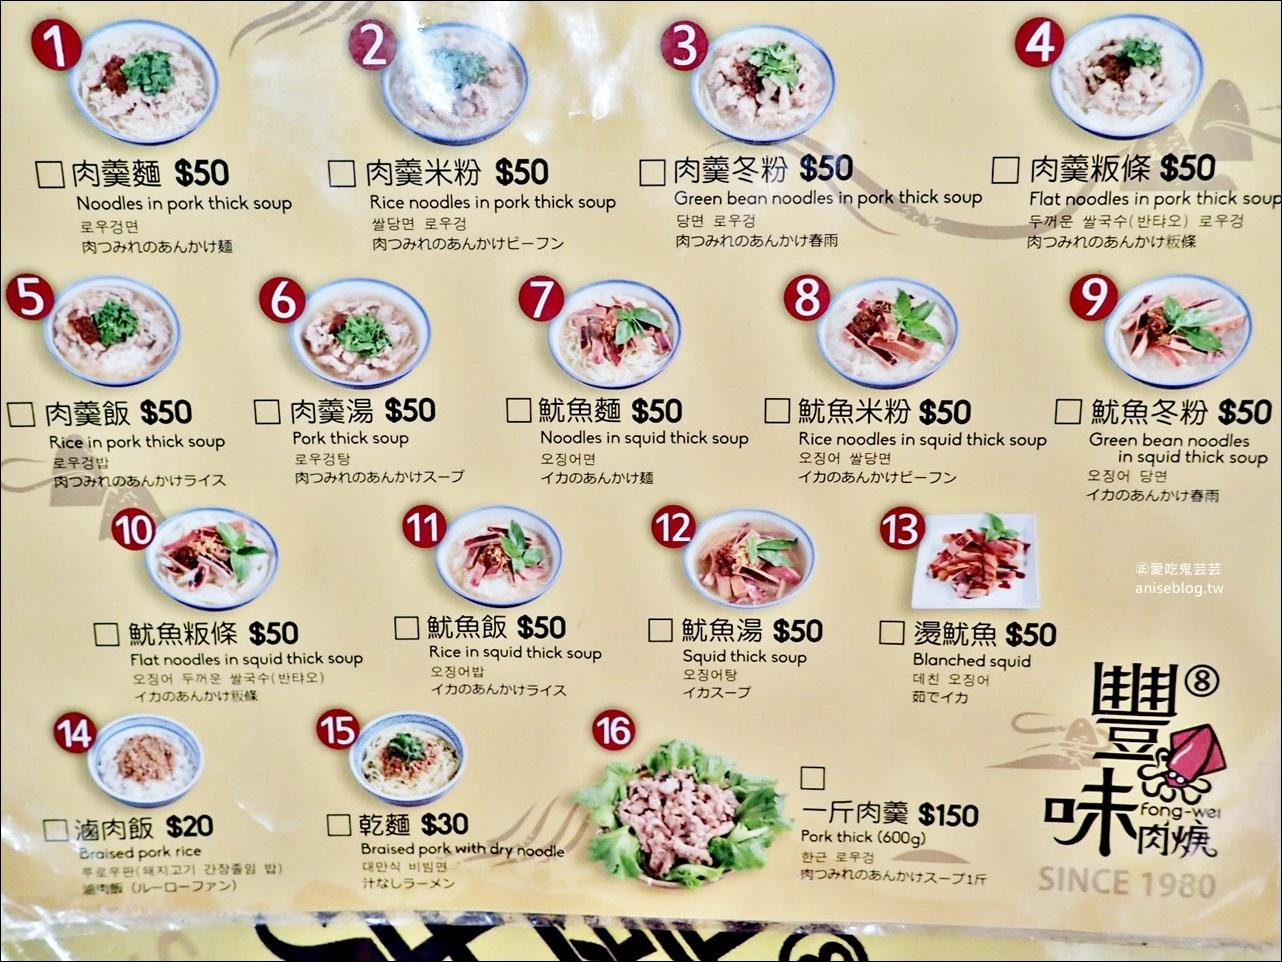 豐味肉羹,瑞芳美食廣場8號攤,非凡大探索推薦瑞芳車站美食(姊姊食記)